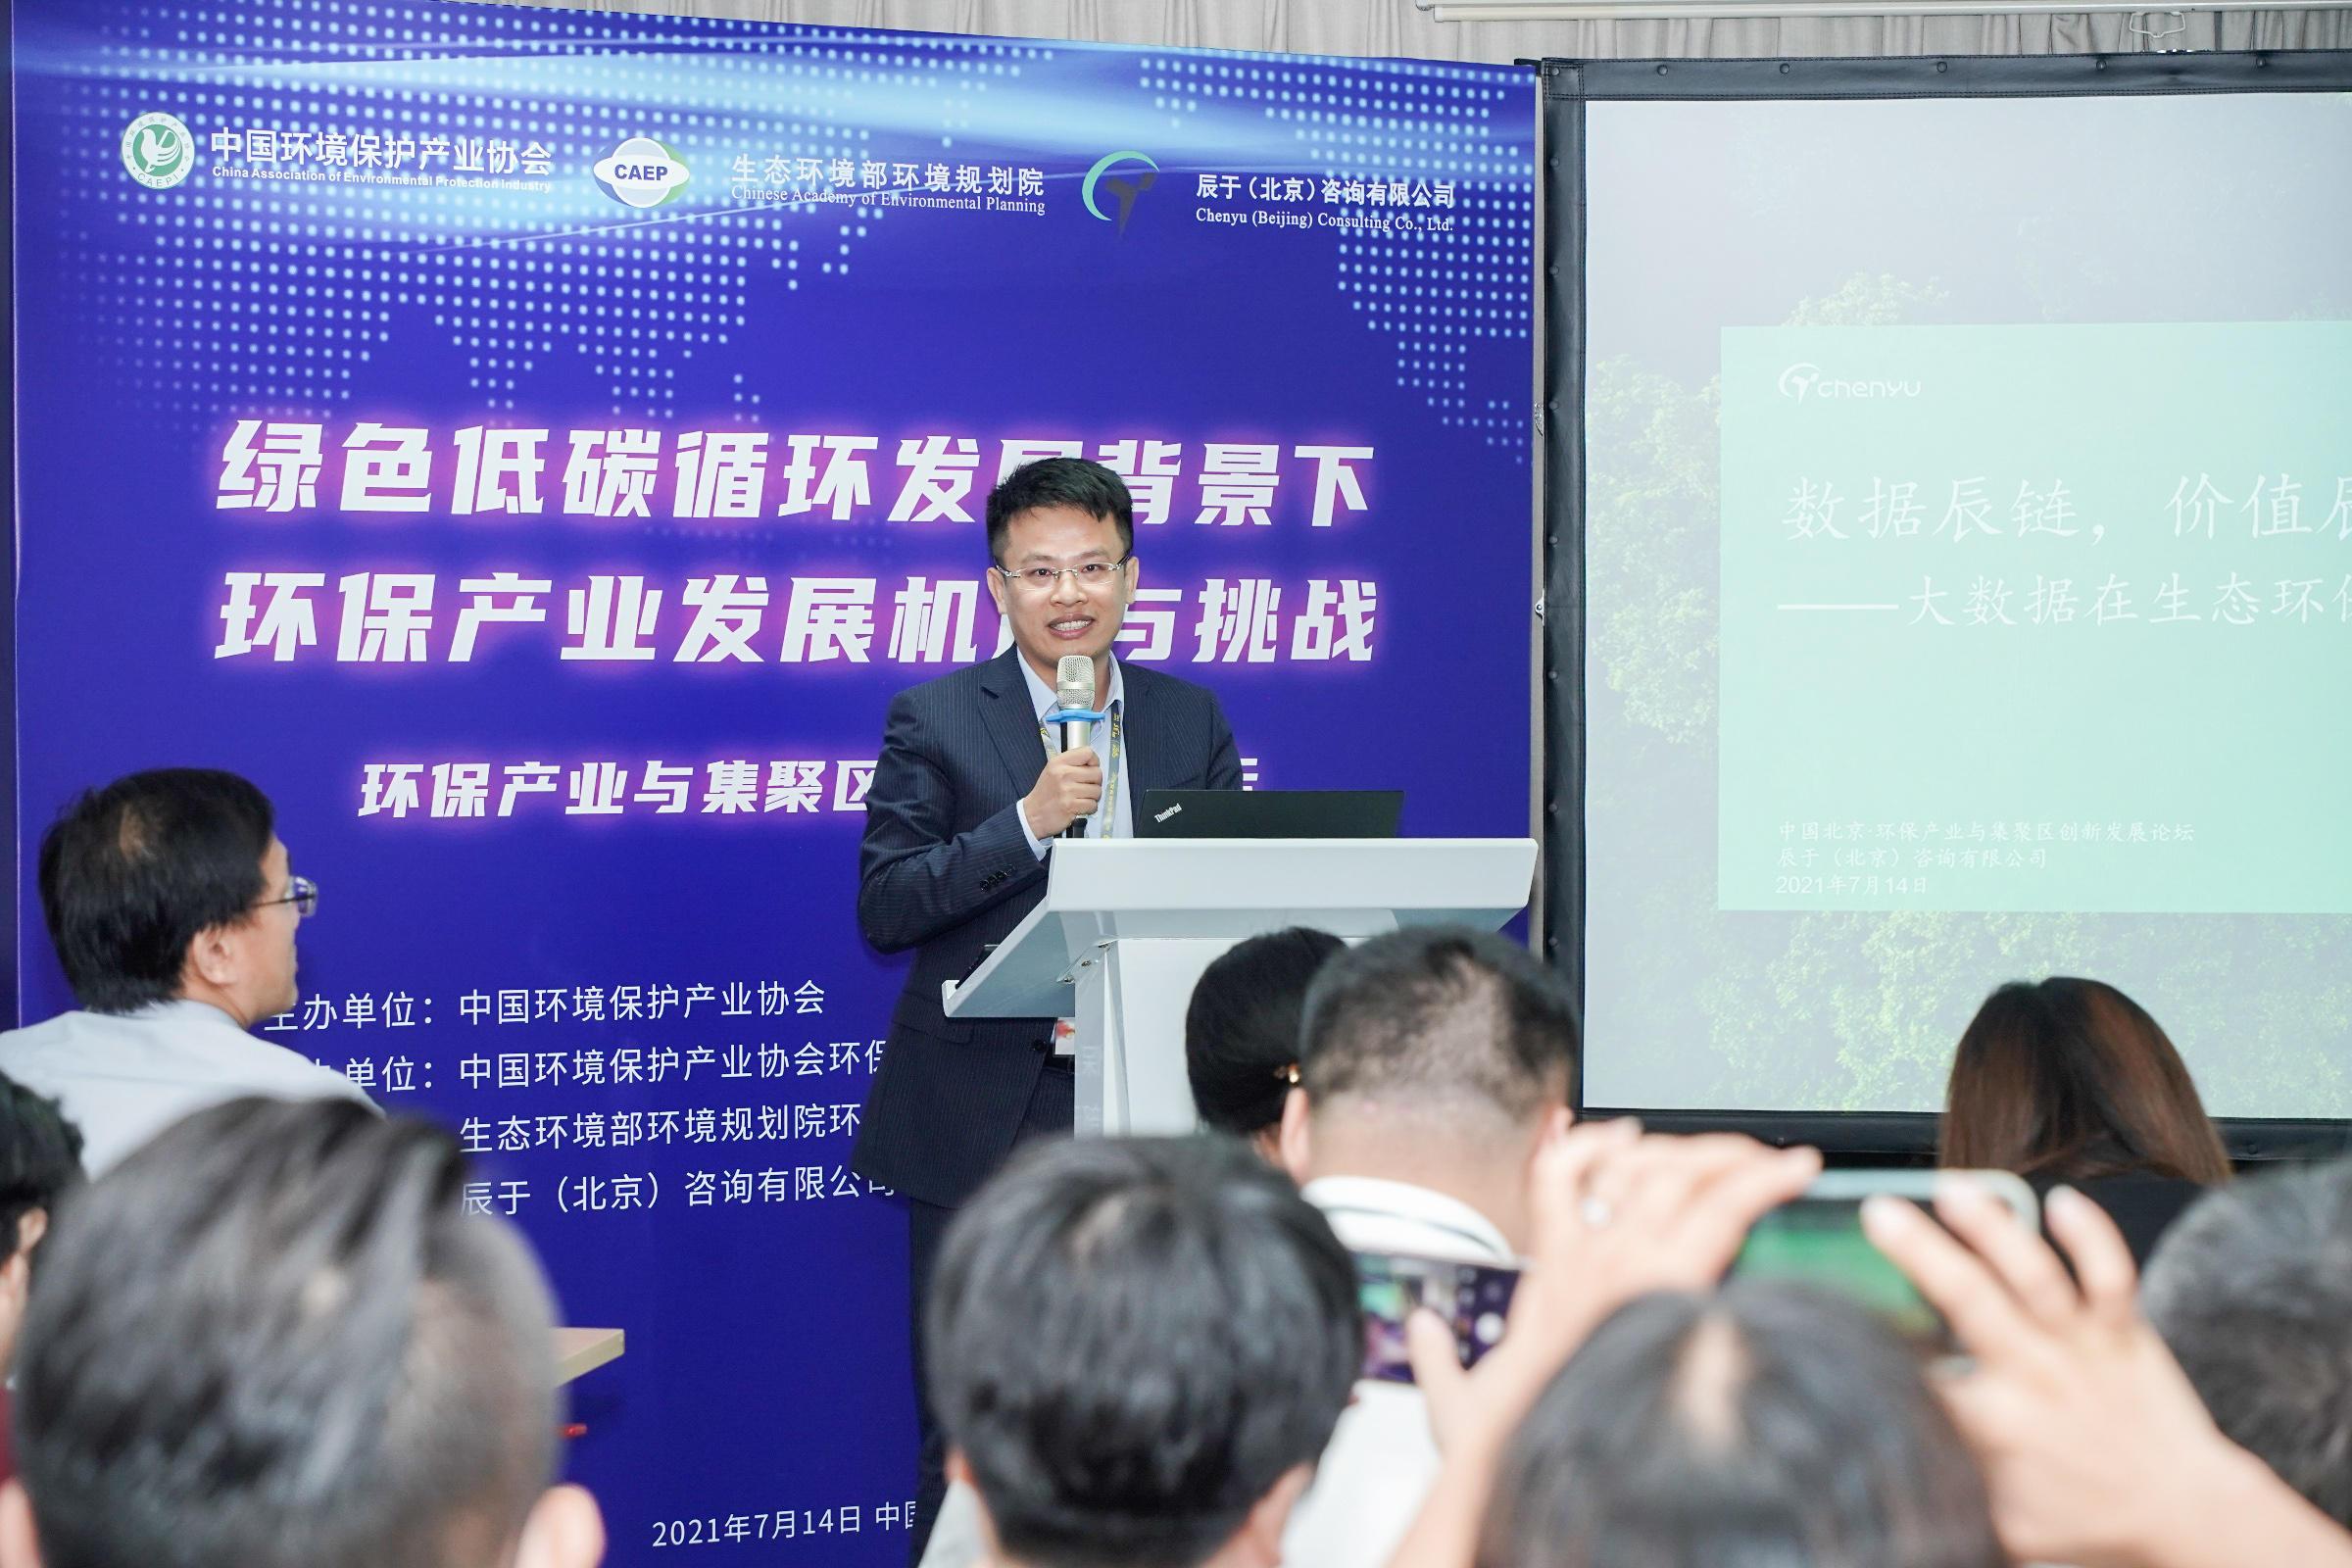 数据驱动价值 | 辰于公司亮相第19届中国国际环保展览会CIEPEC